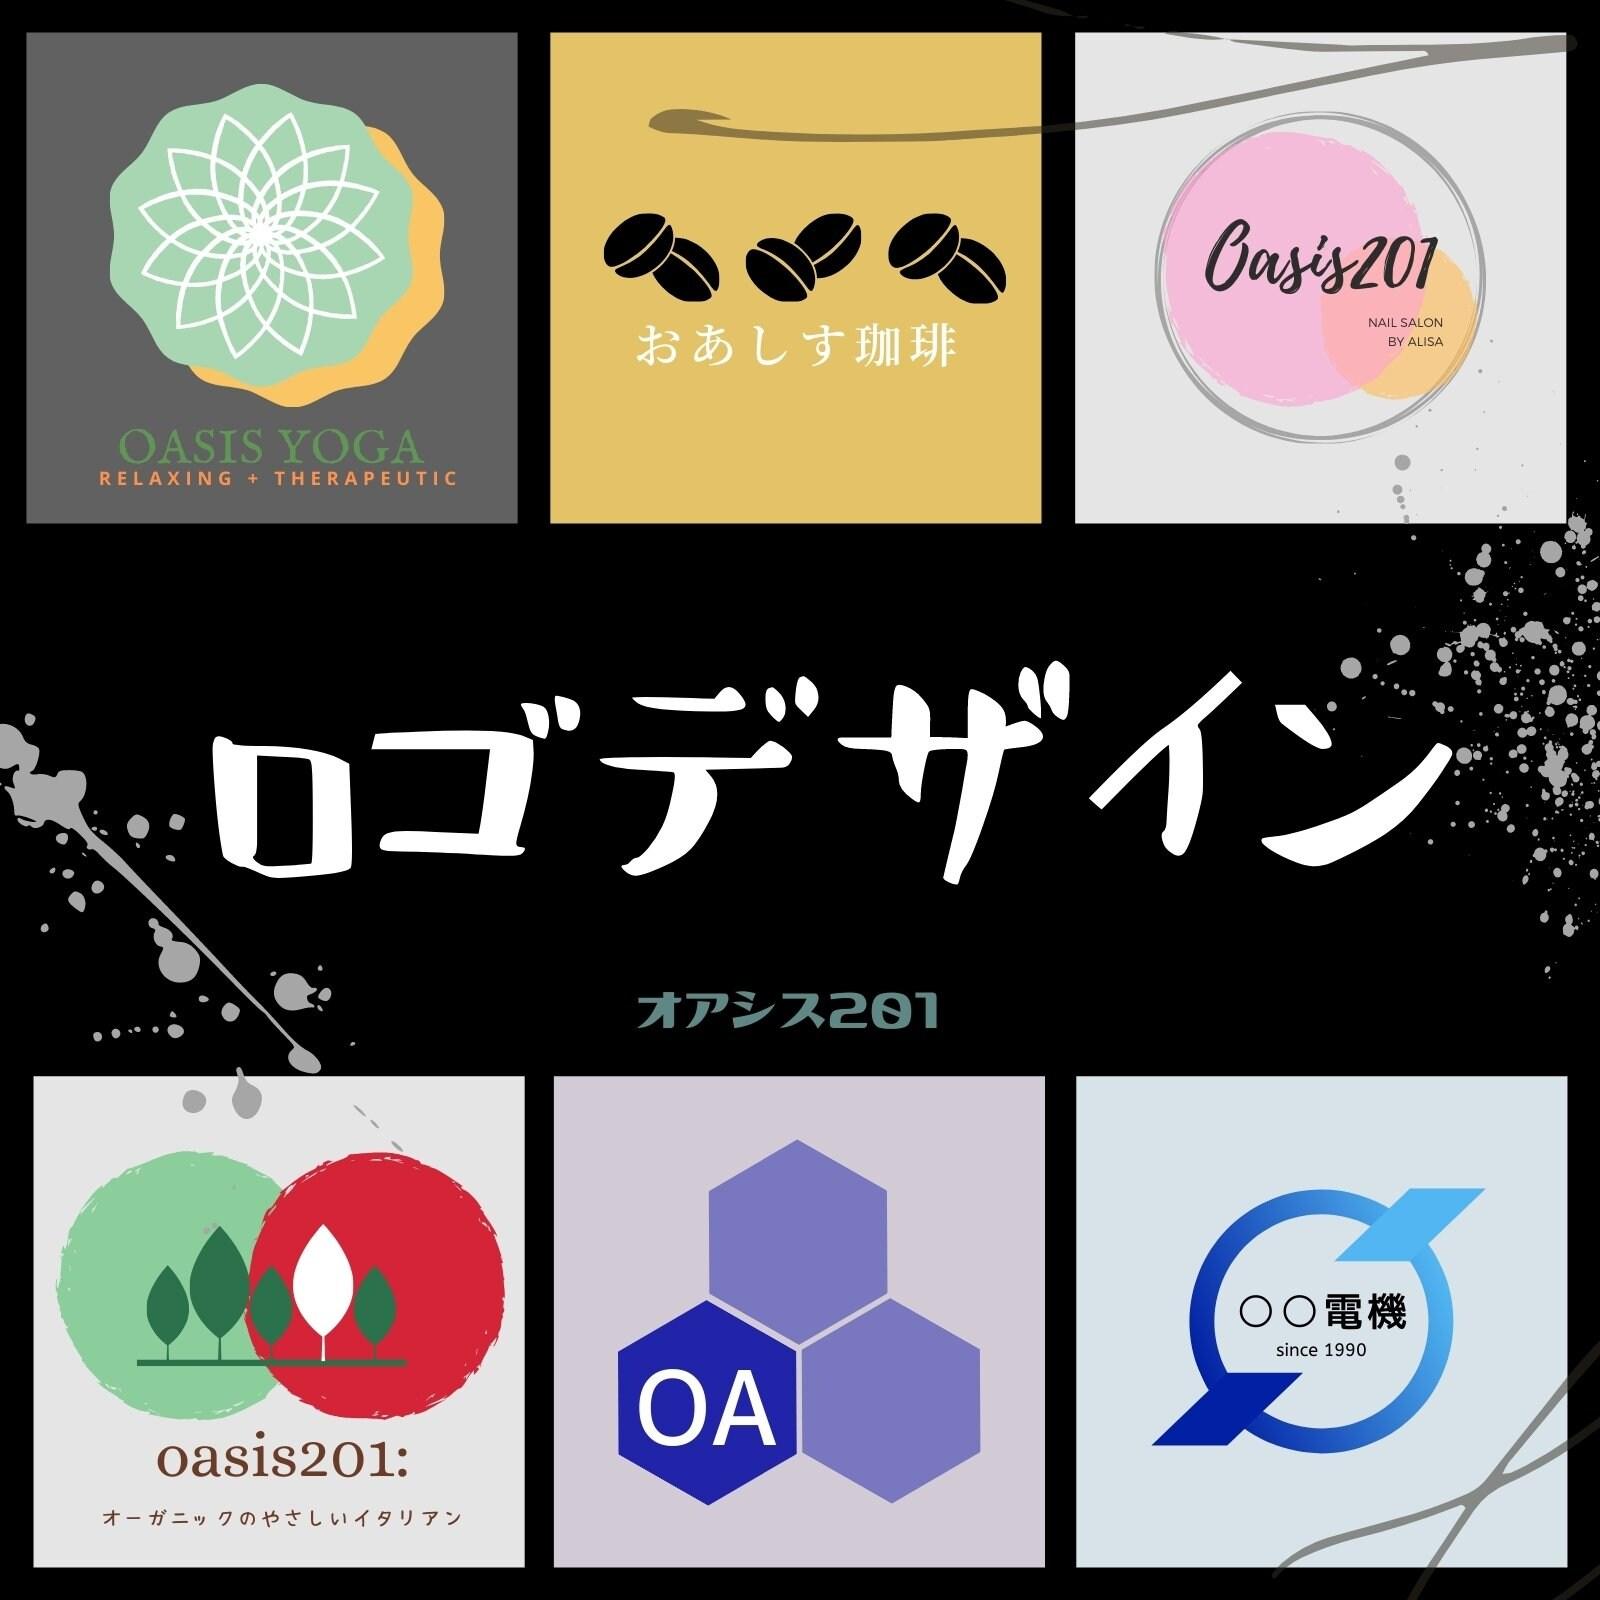 ロゴデザイン制作|会社やお店オリジナルのロゴデザインで独自性を発揮♪のイメージその1